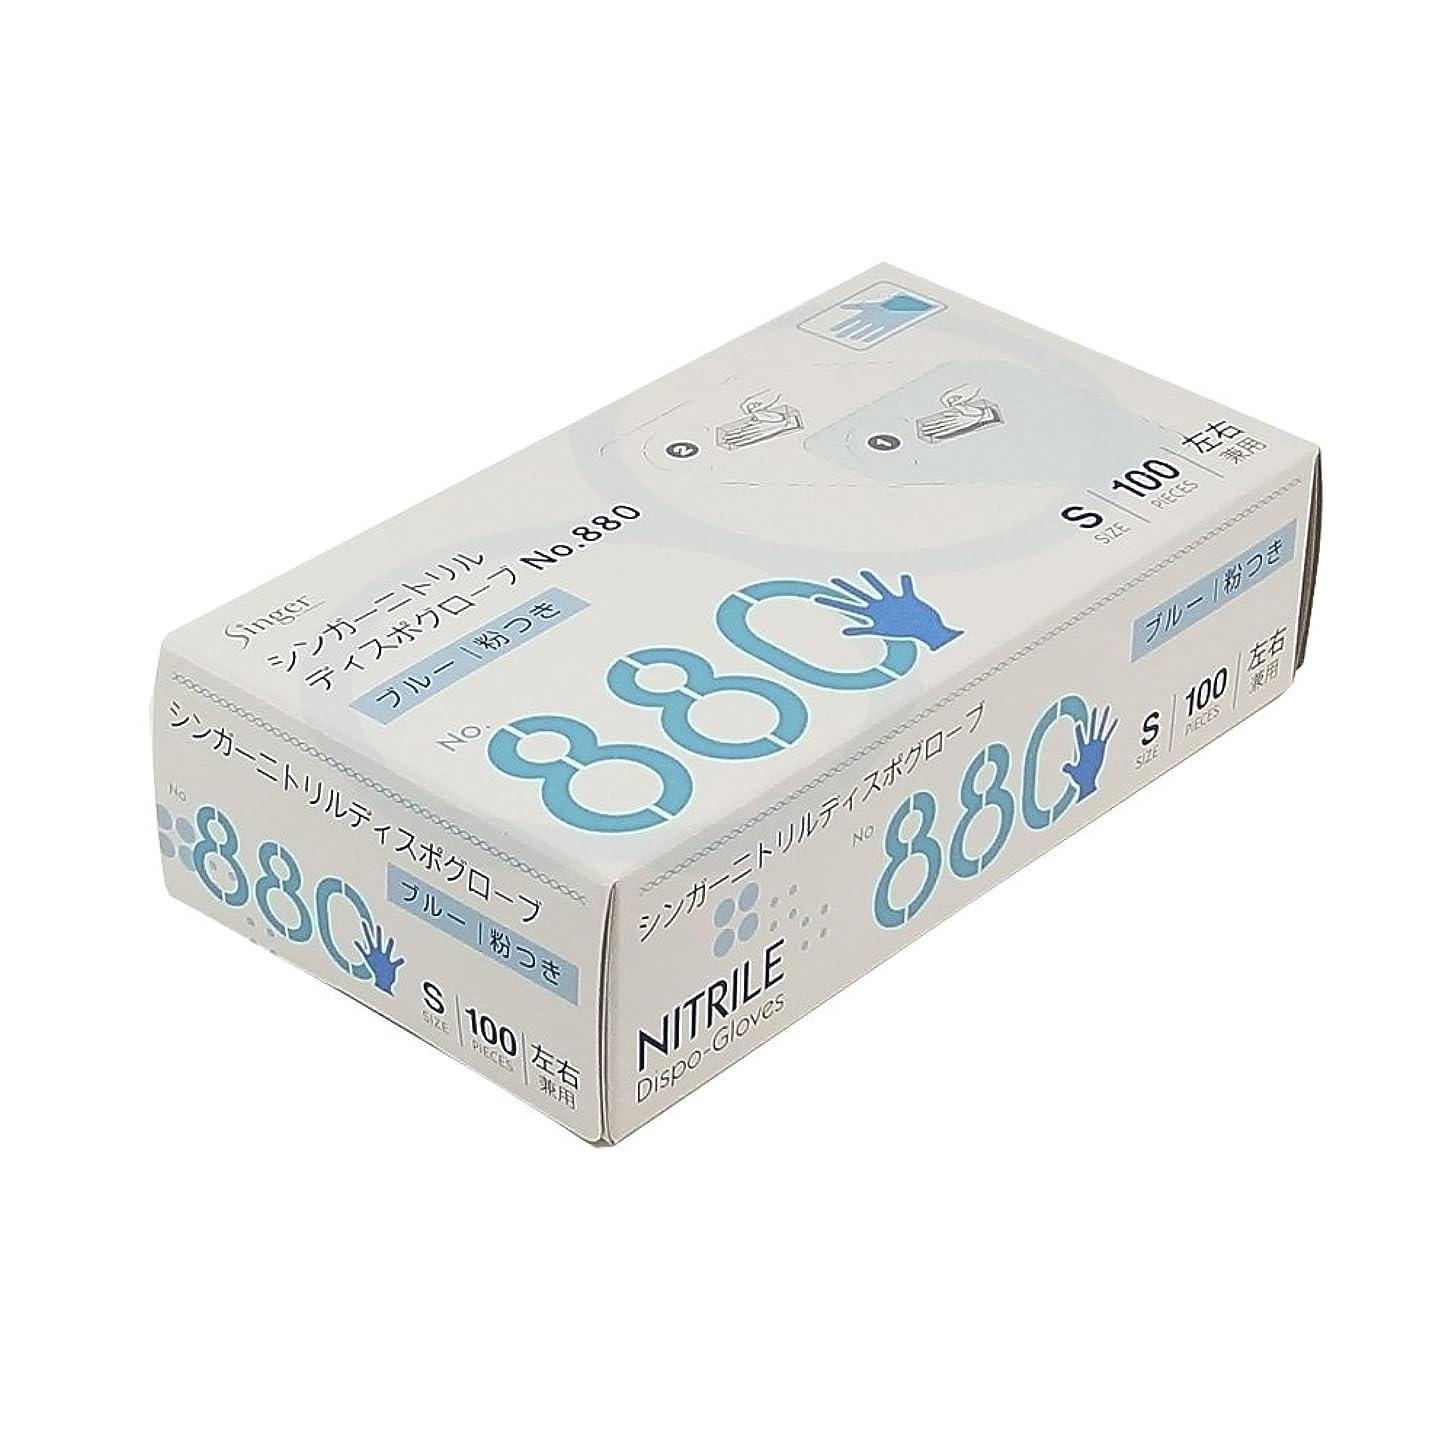 抑止するオーク頂点宇都宮製作 ディスポ手袋 シンガーニトリルディスポグローブ No.880 ブルー 粉付 100枚入  S